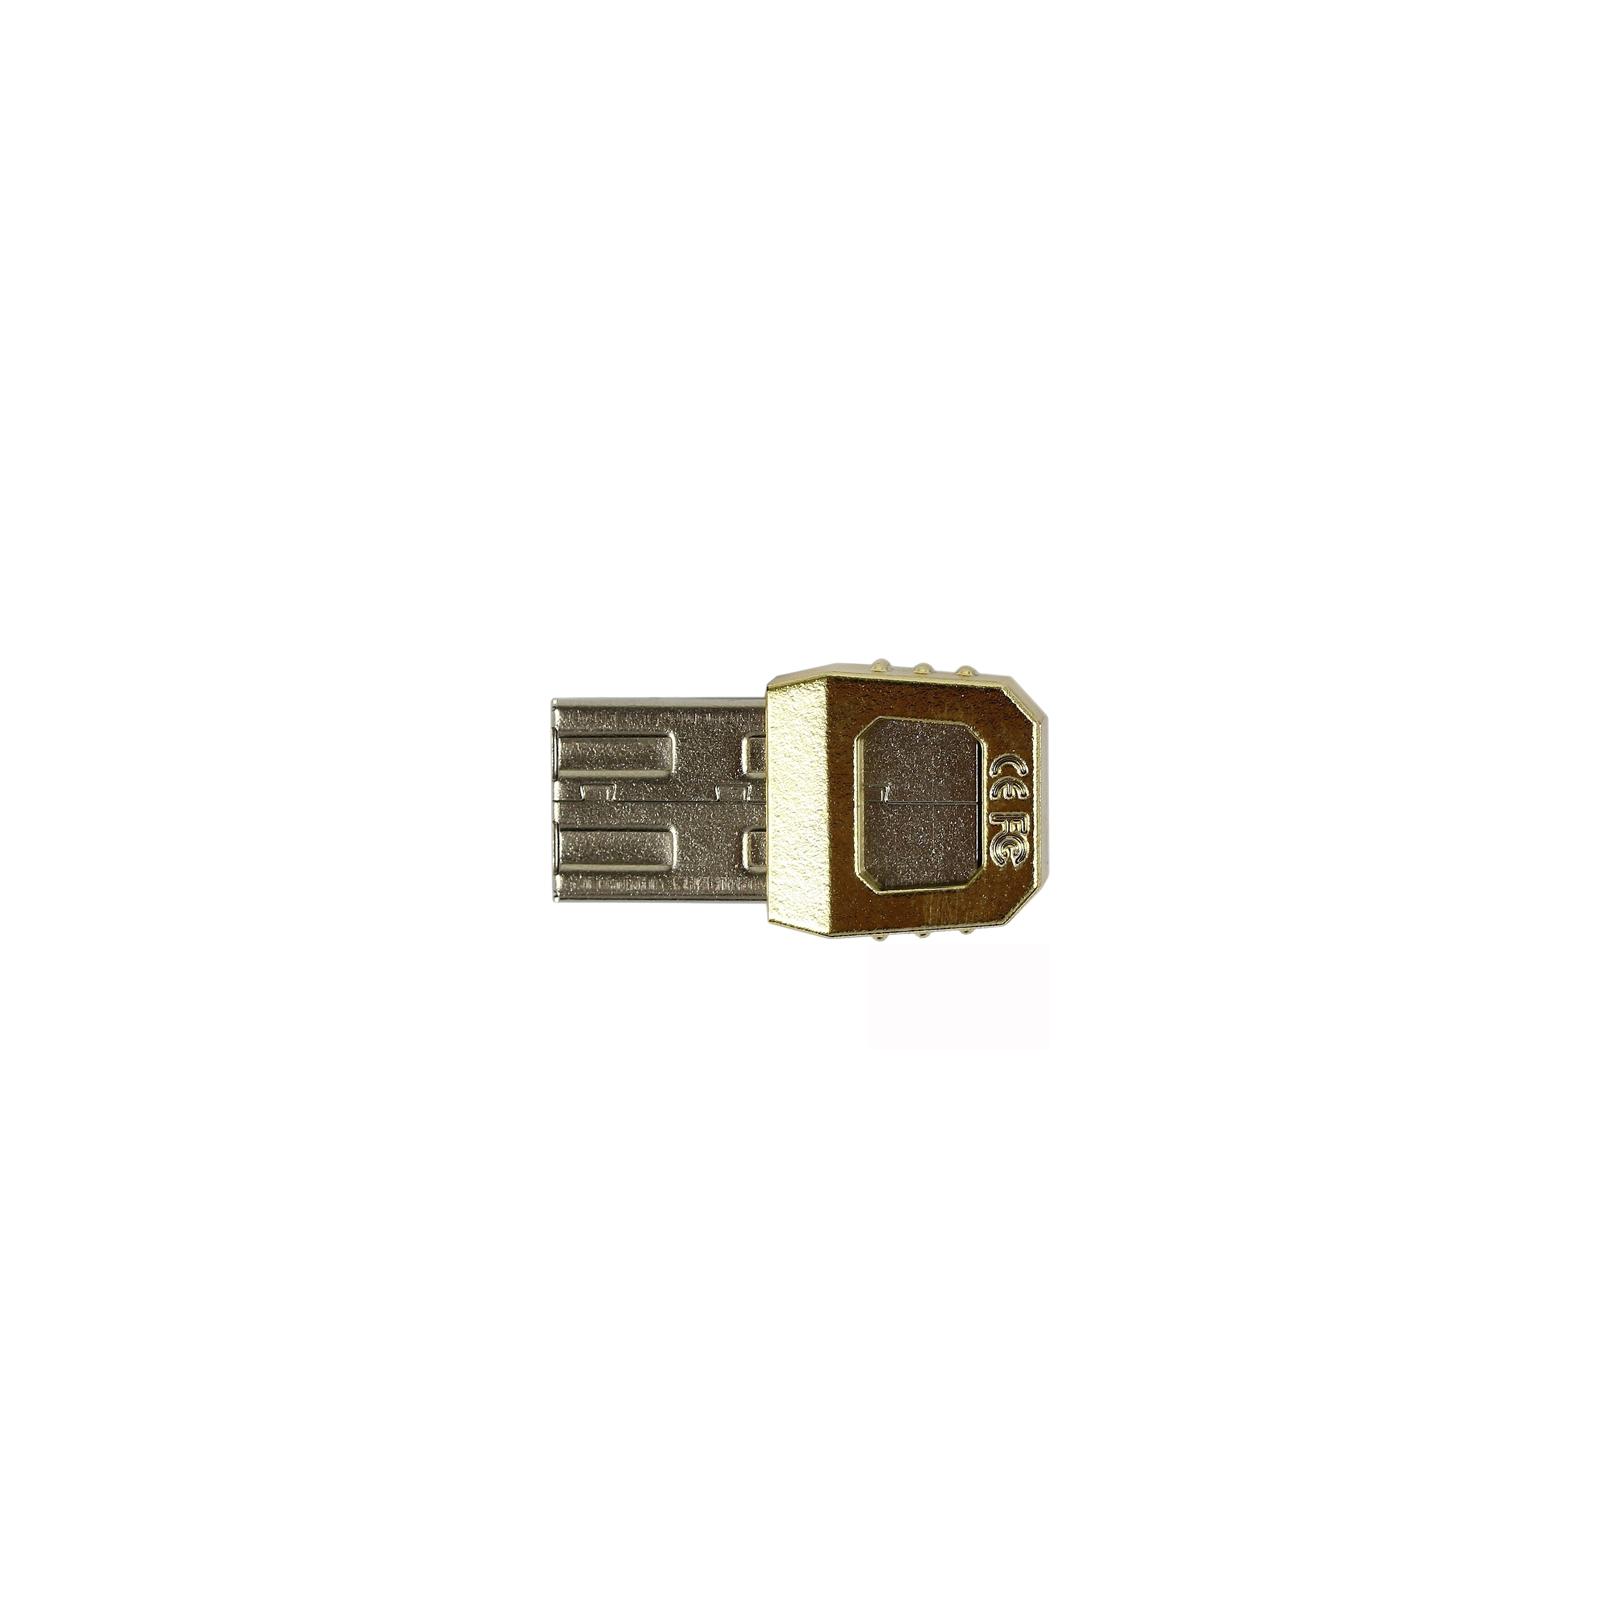 USB флеш накопитель 32GB AH152 Golden RP USB3.0 Apacer (AP32GAH152C-1) изображение 4